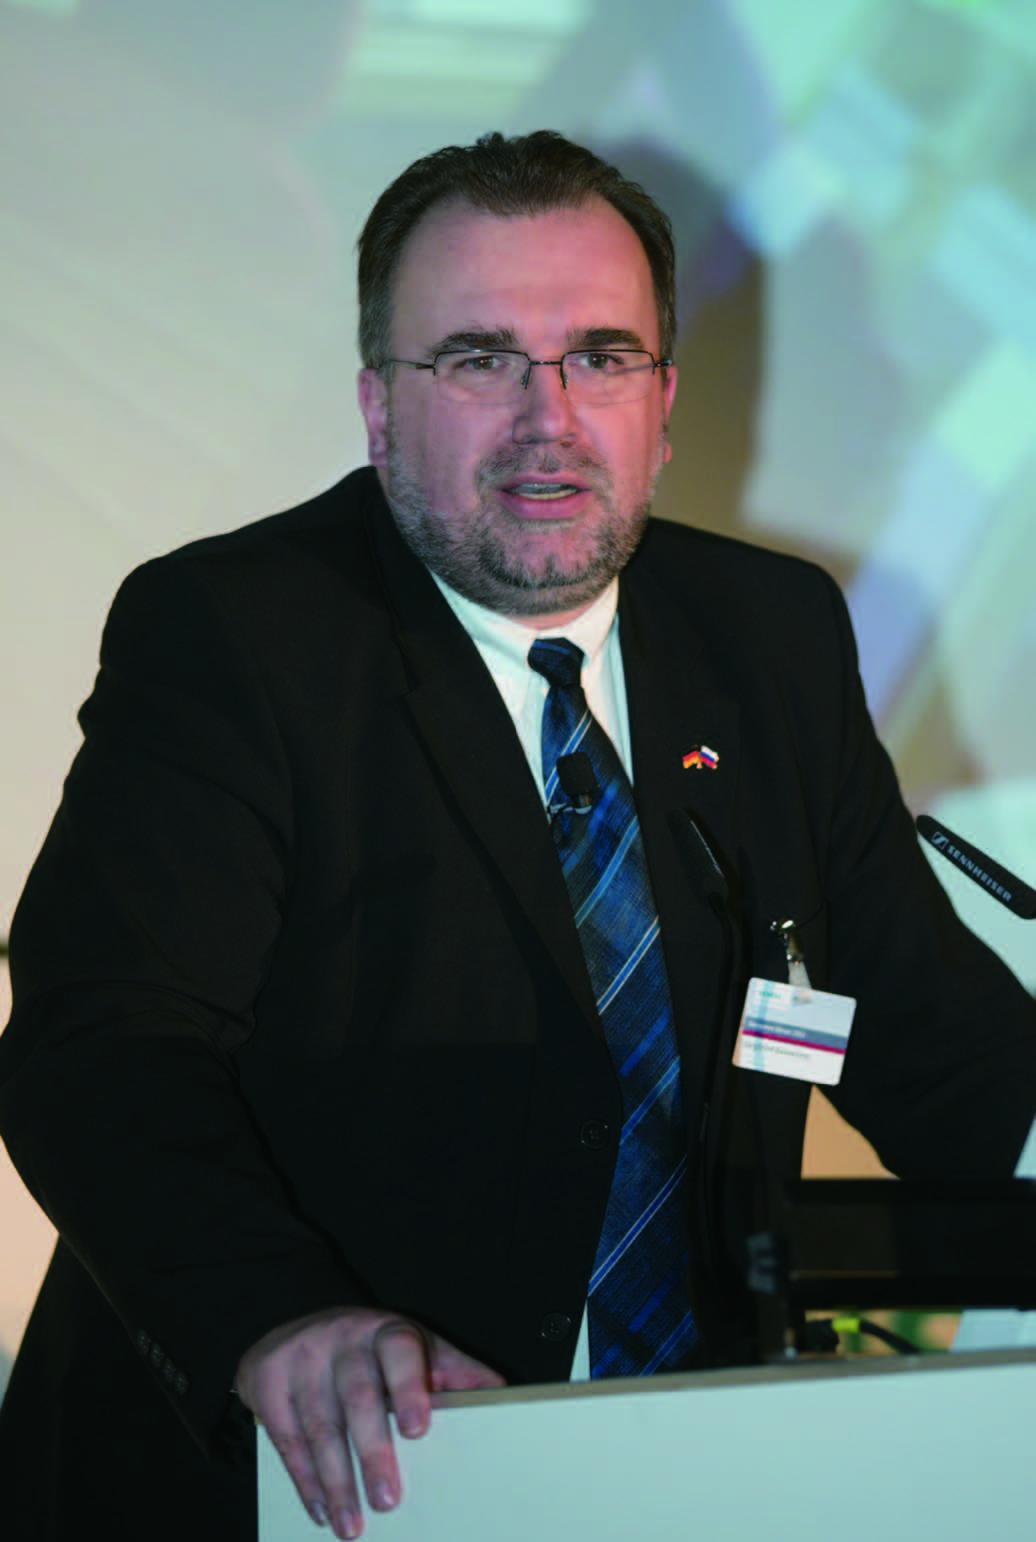 西门子股份公司管理委员会成员兼西门子工业业务领域首席执行官鲁思沃博士